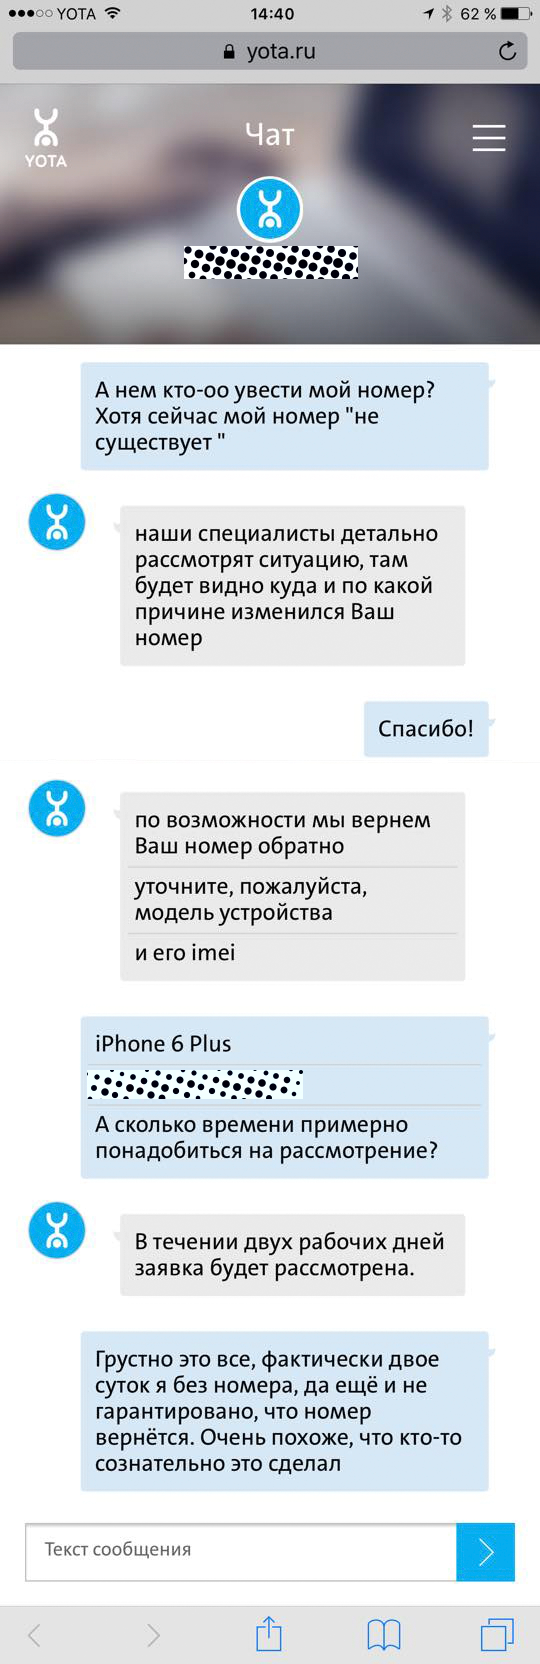 Yota (сотовый оператор в собственности Мегафона) произвольно изменила мой номер телефона, номер может и не вернутся. Вопрос решается 2 дня